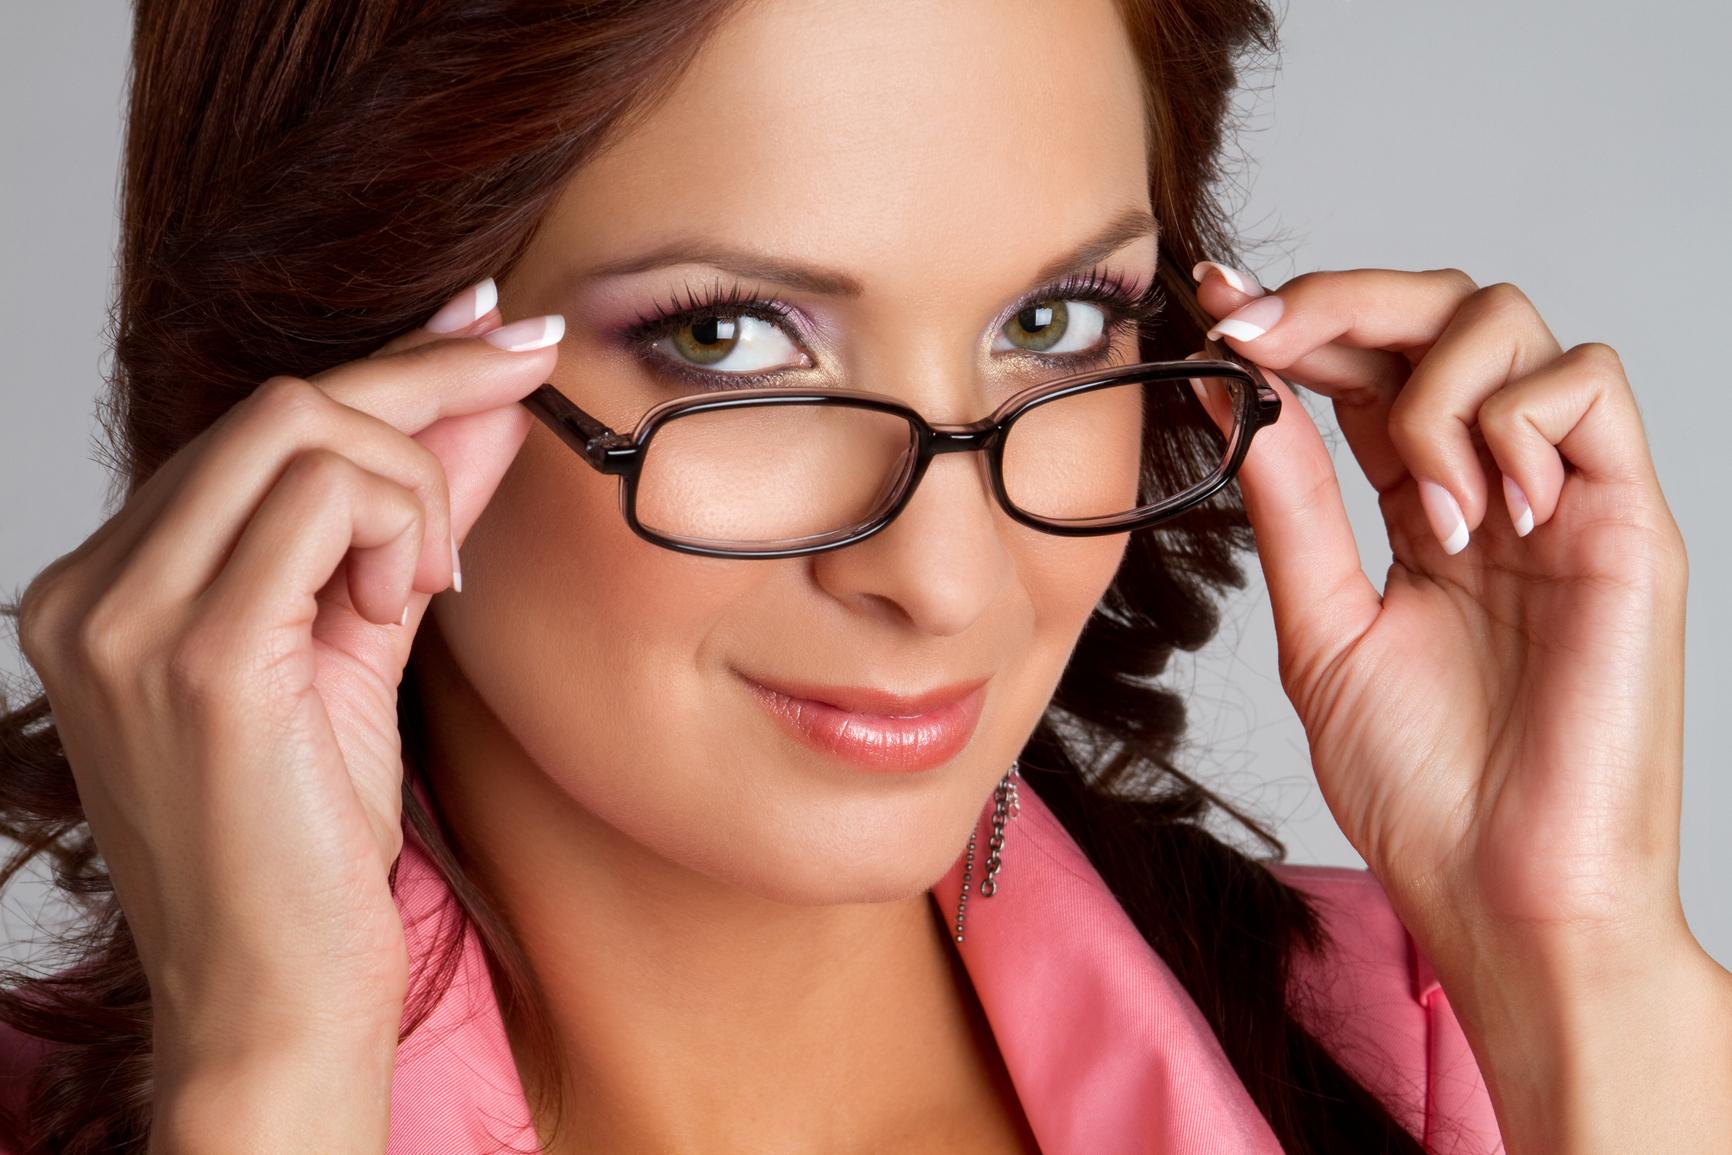 Макияж для женщин которые носят очки